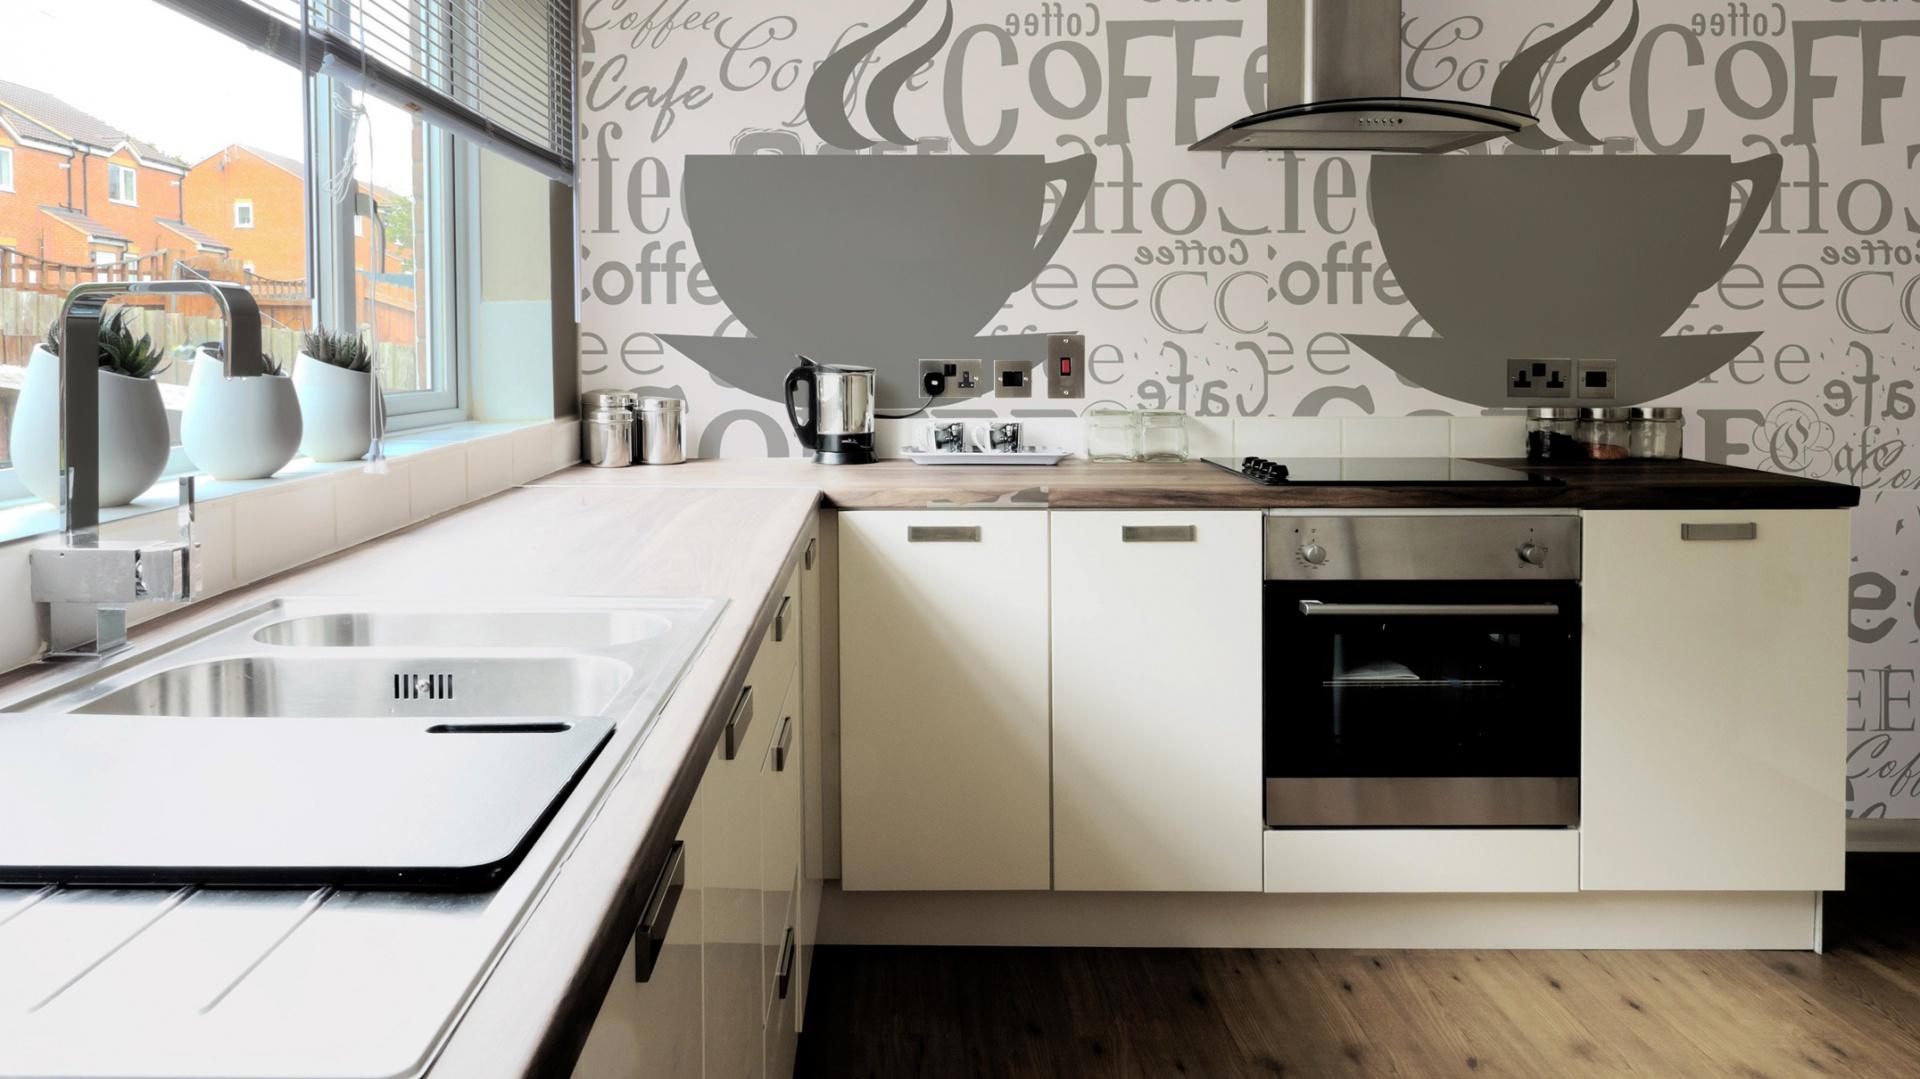 Sciana Nad Blatem 15 Najciekawszych Aranzacji Kuchni Z Fototapetami